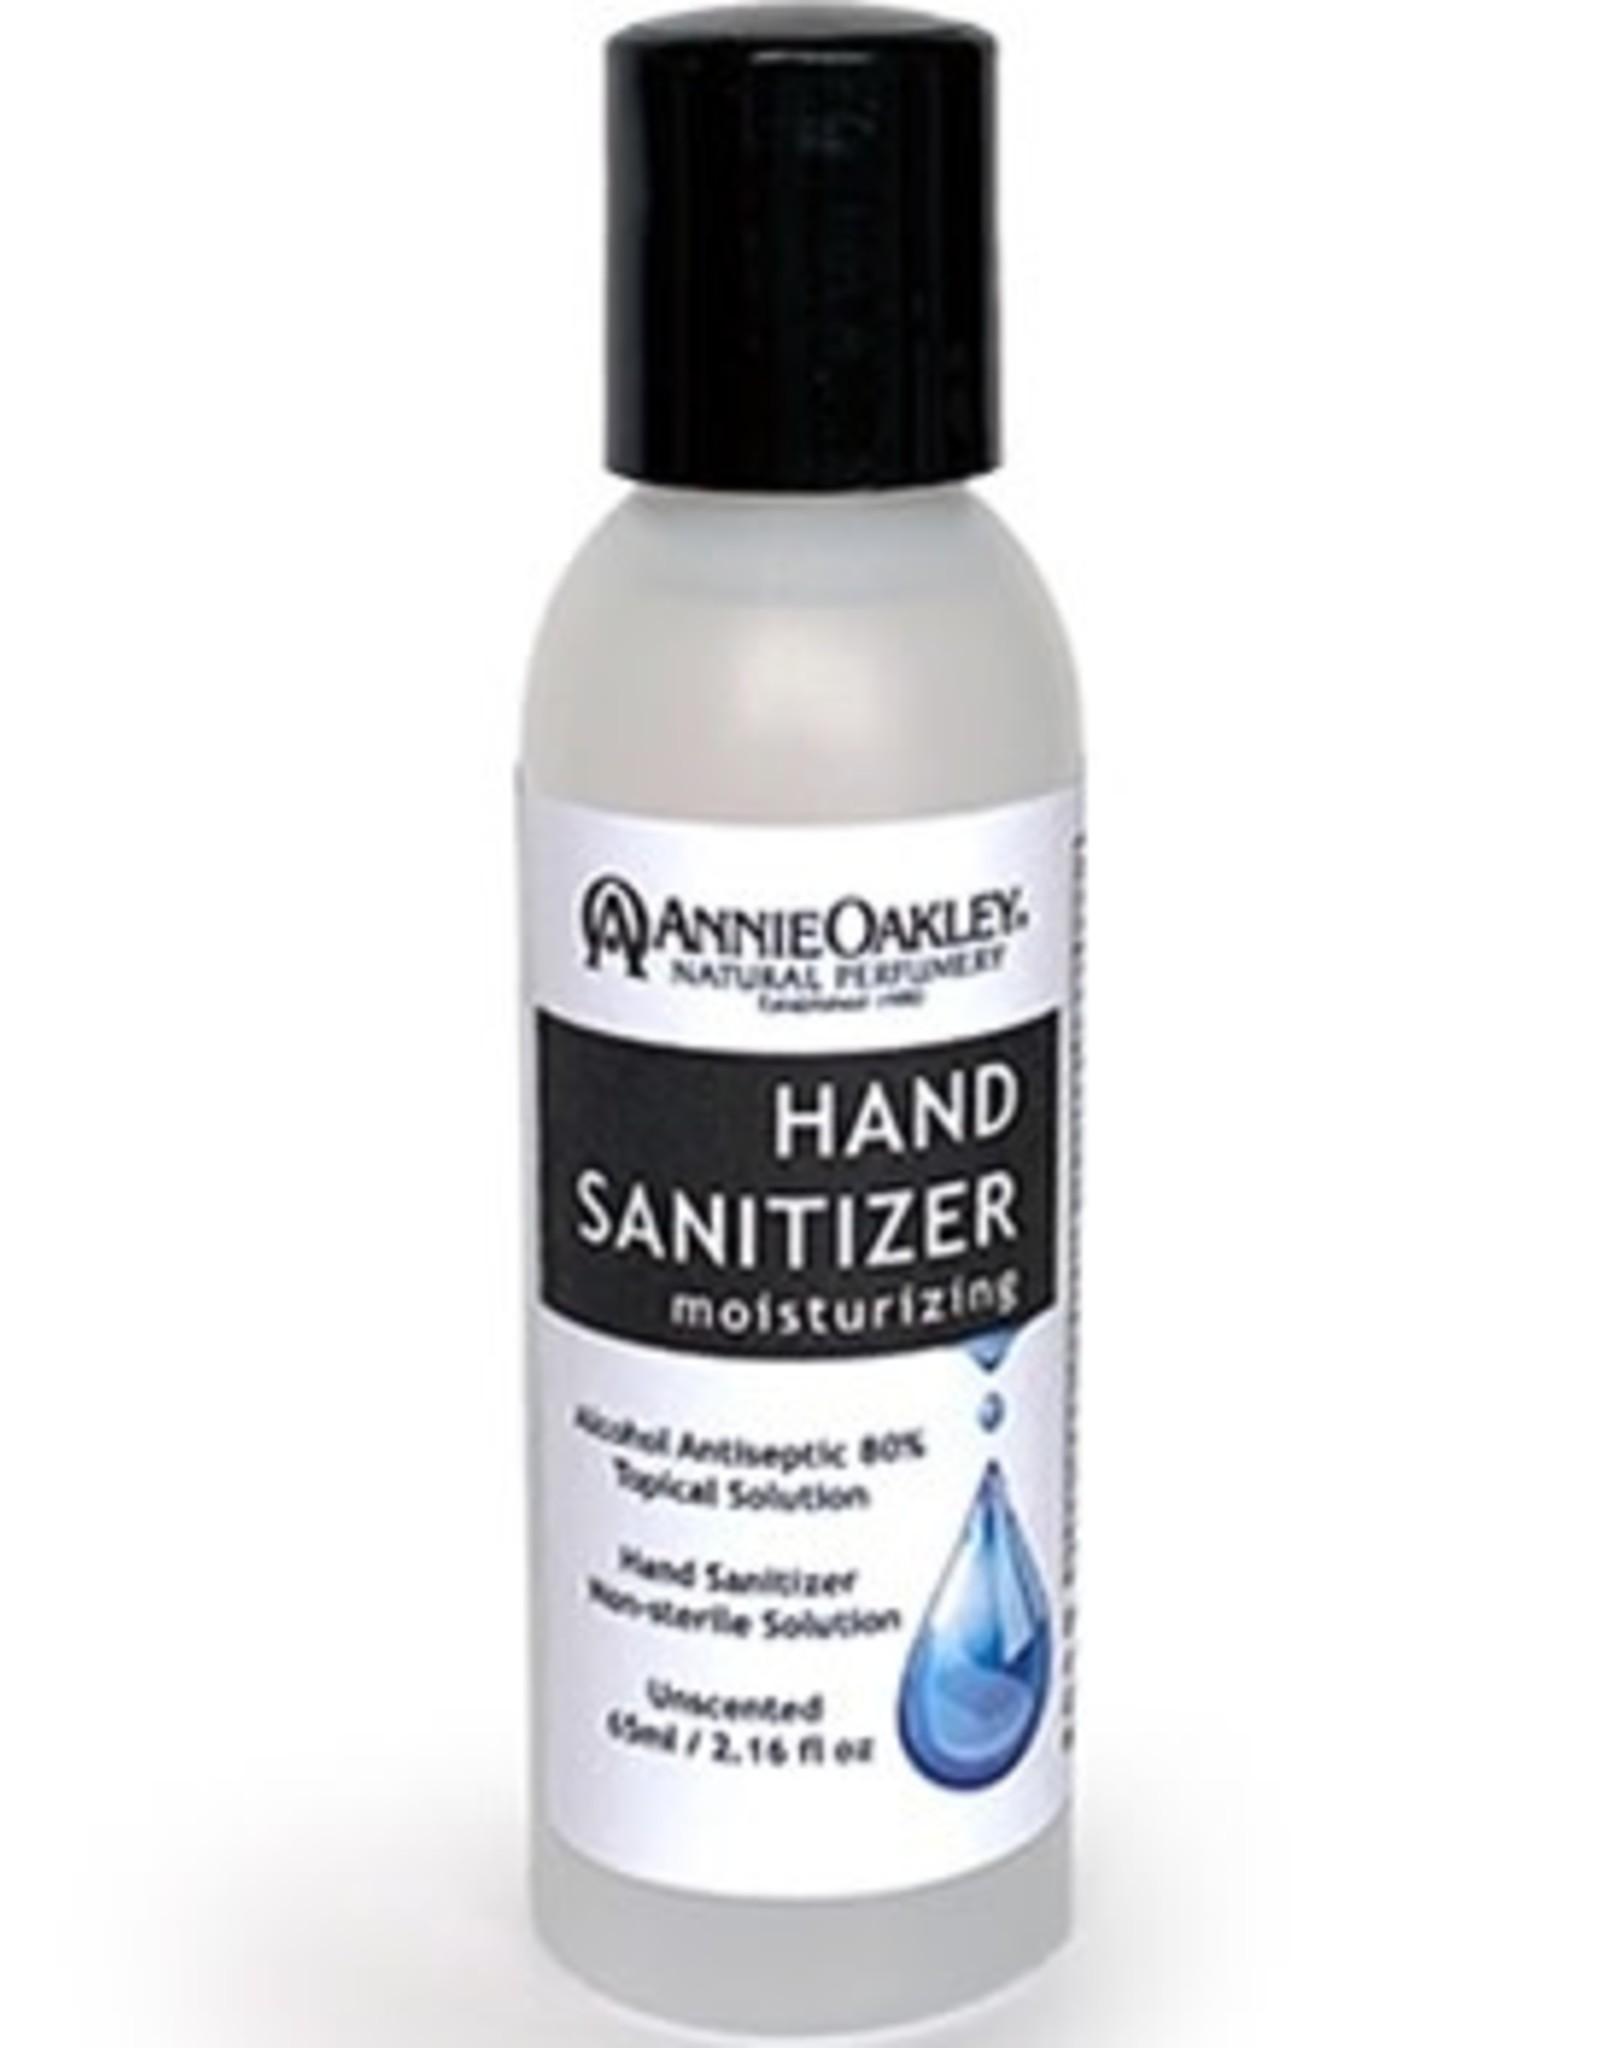 Annie Oakley Hand Sanitizer 2.16oz